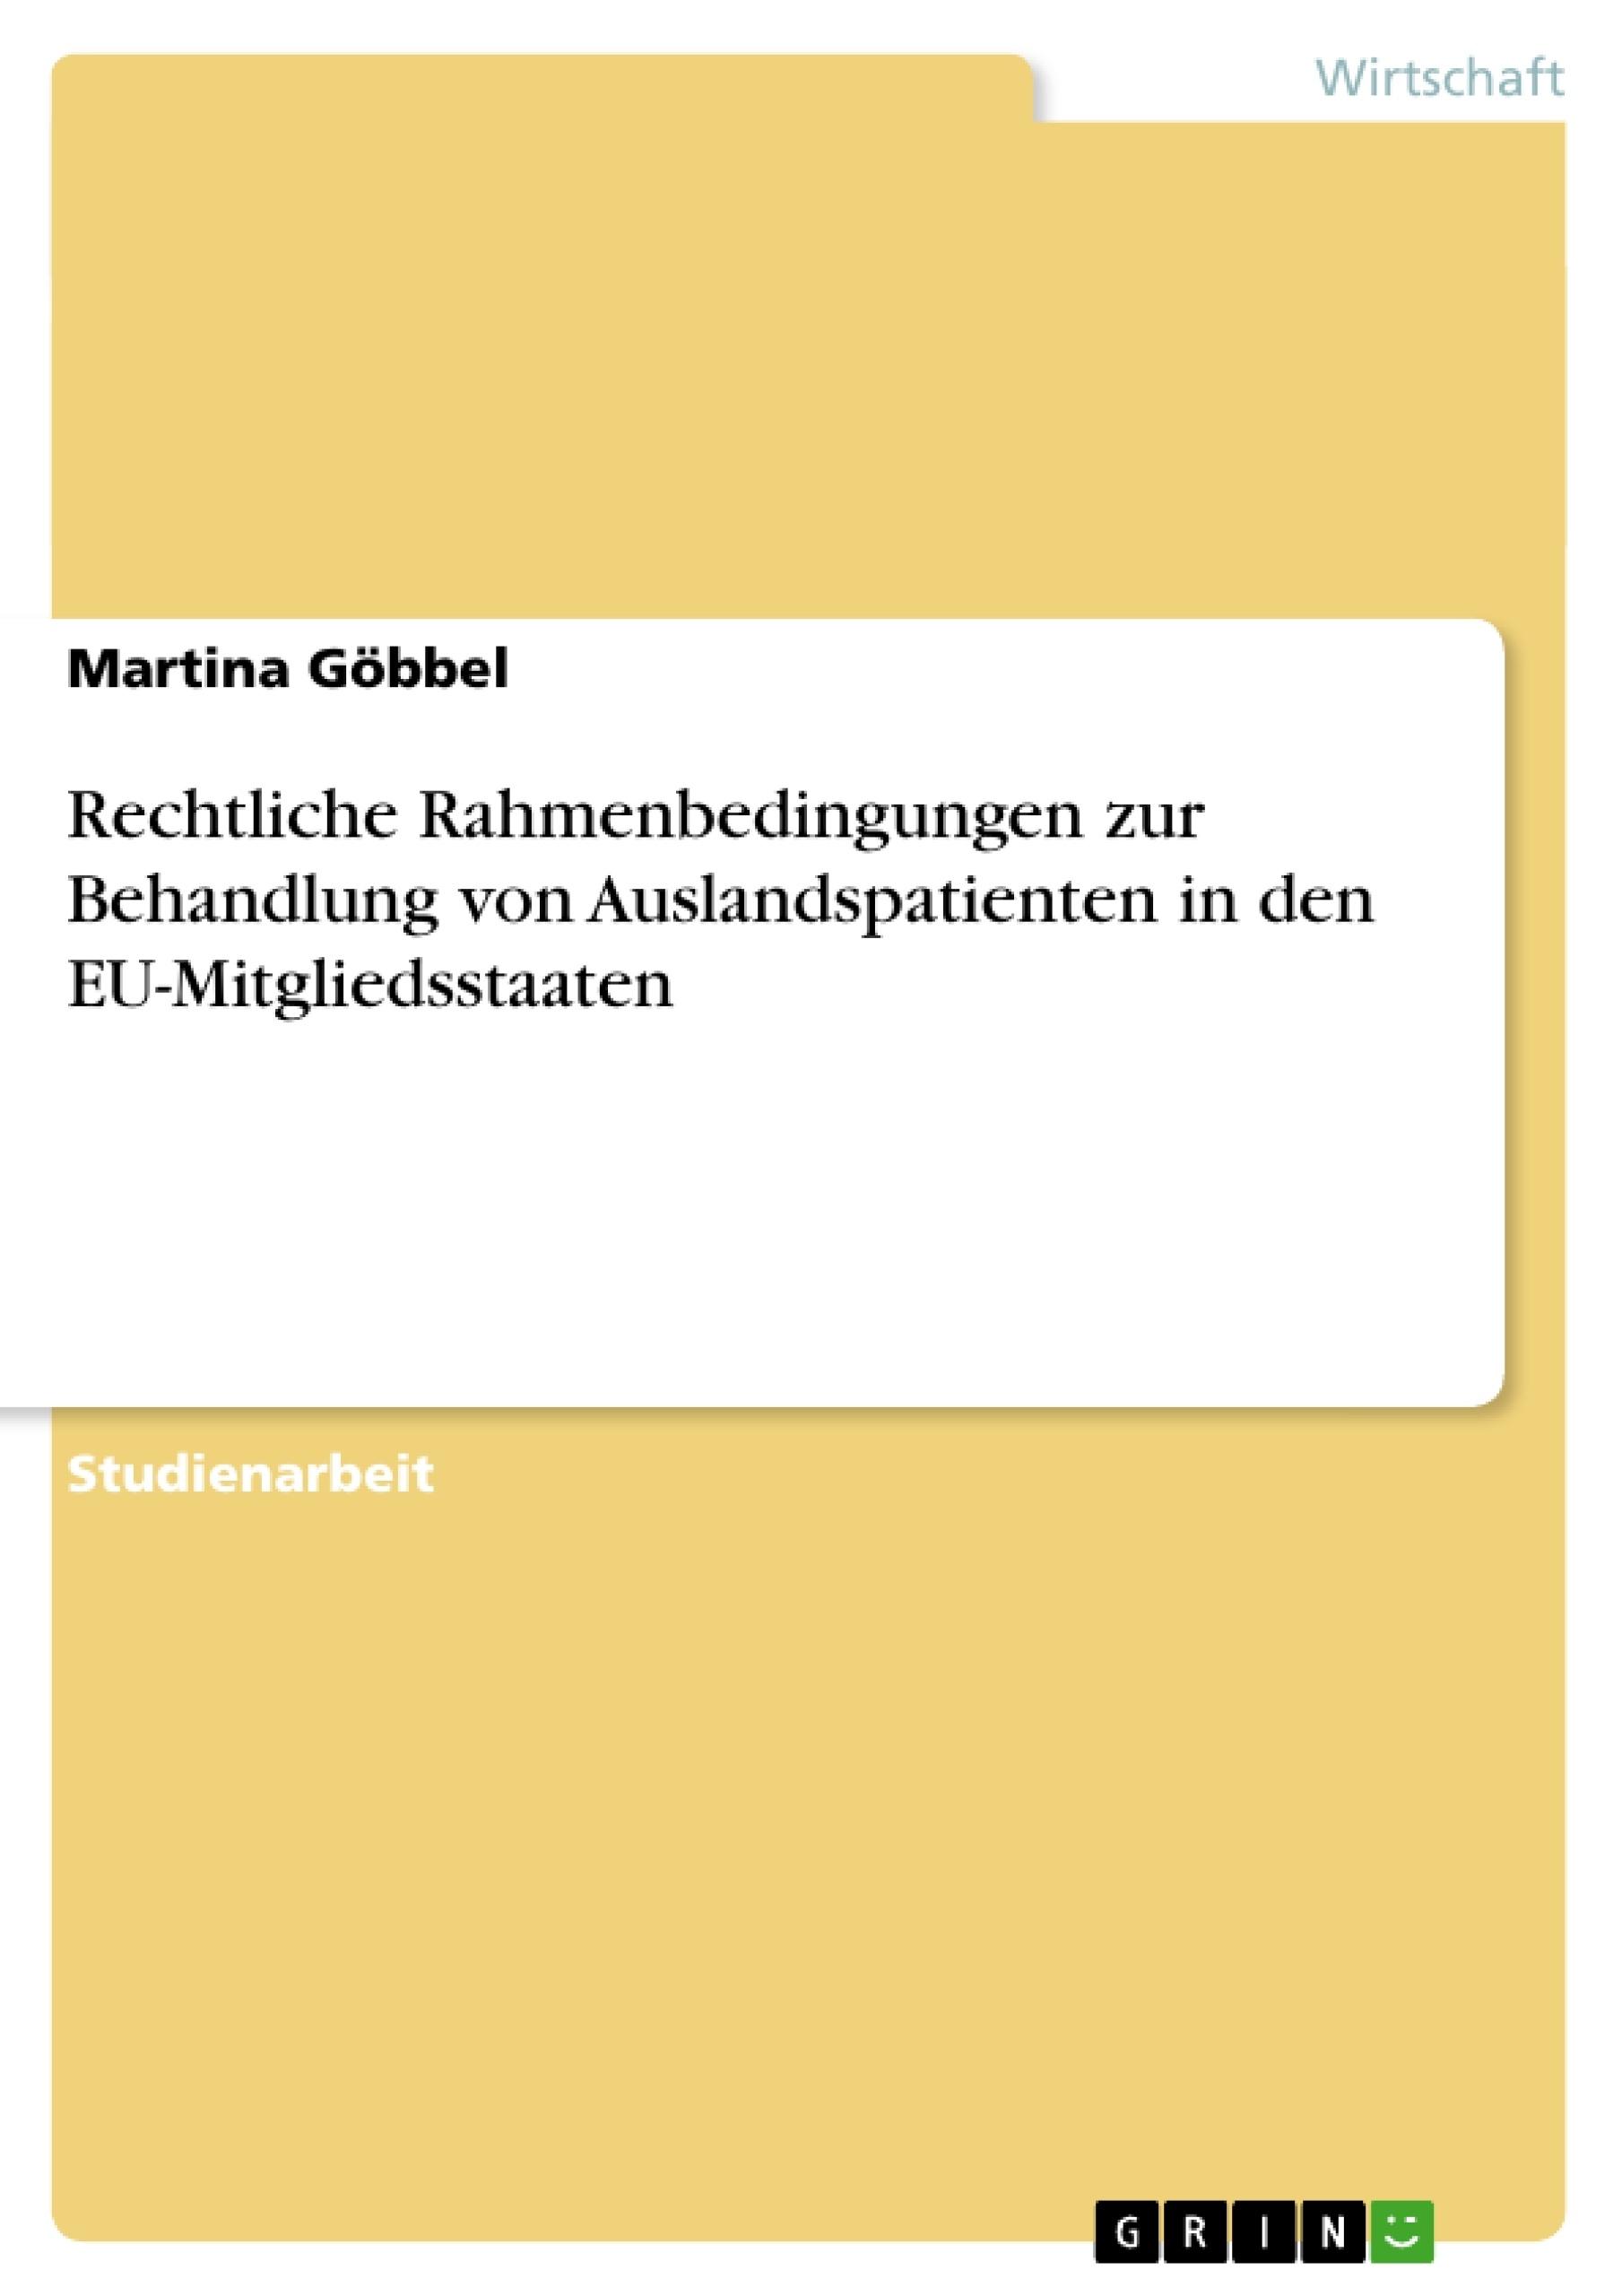 Titel: Rechtliche Rahmenbedingungen zur Behandlung von Auslandspatienten in den EU-Mitgliedsstaaten